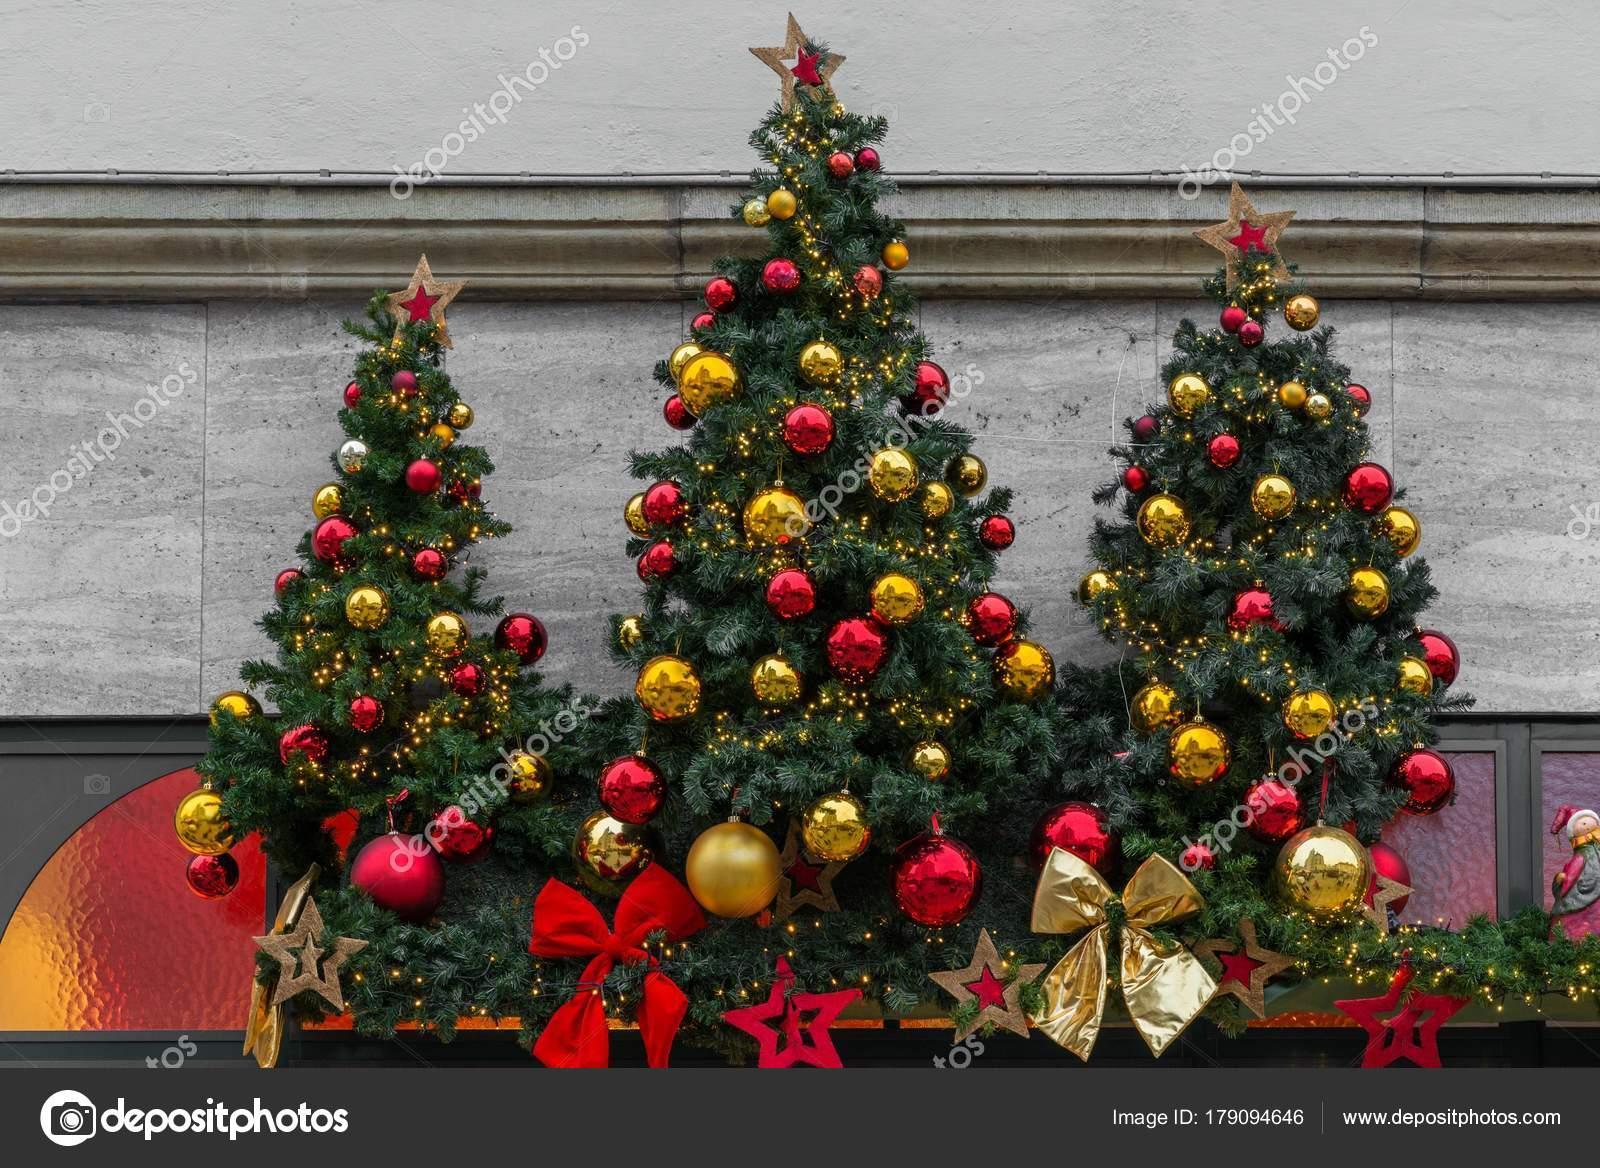 b6d71be2af4 Árbol Navidad Con Adornos Bolas Navidad Decoración — Fotos de Stock ...